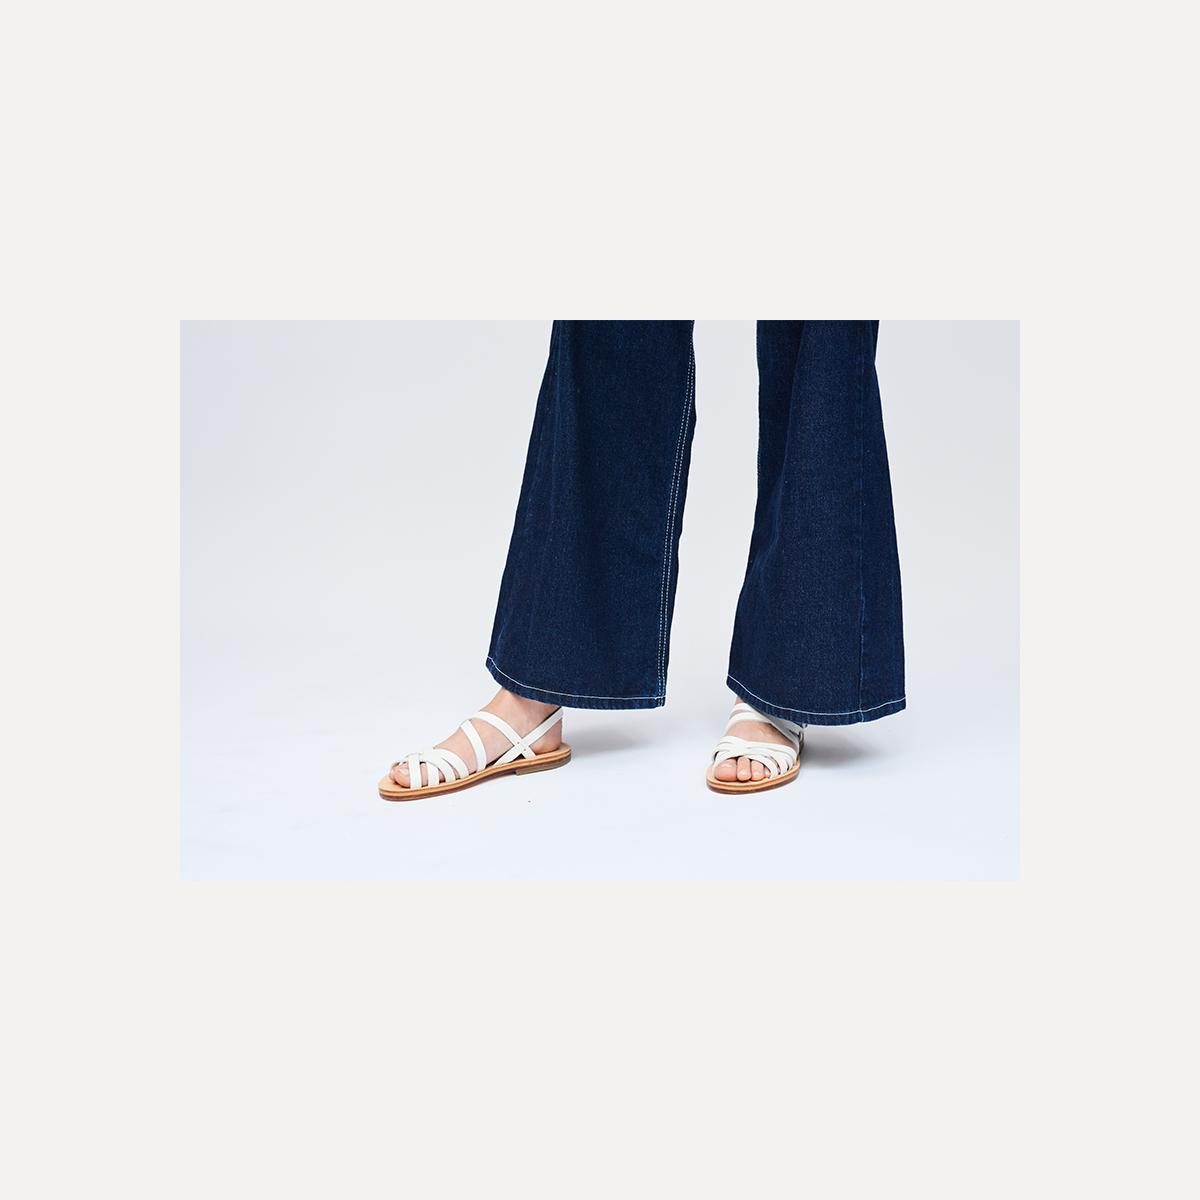 Sandales cuir Majour - Blanc (image n°5)